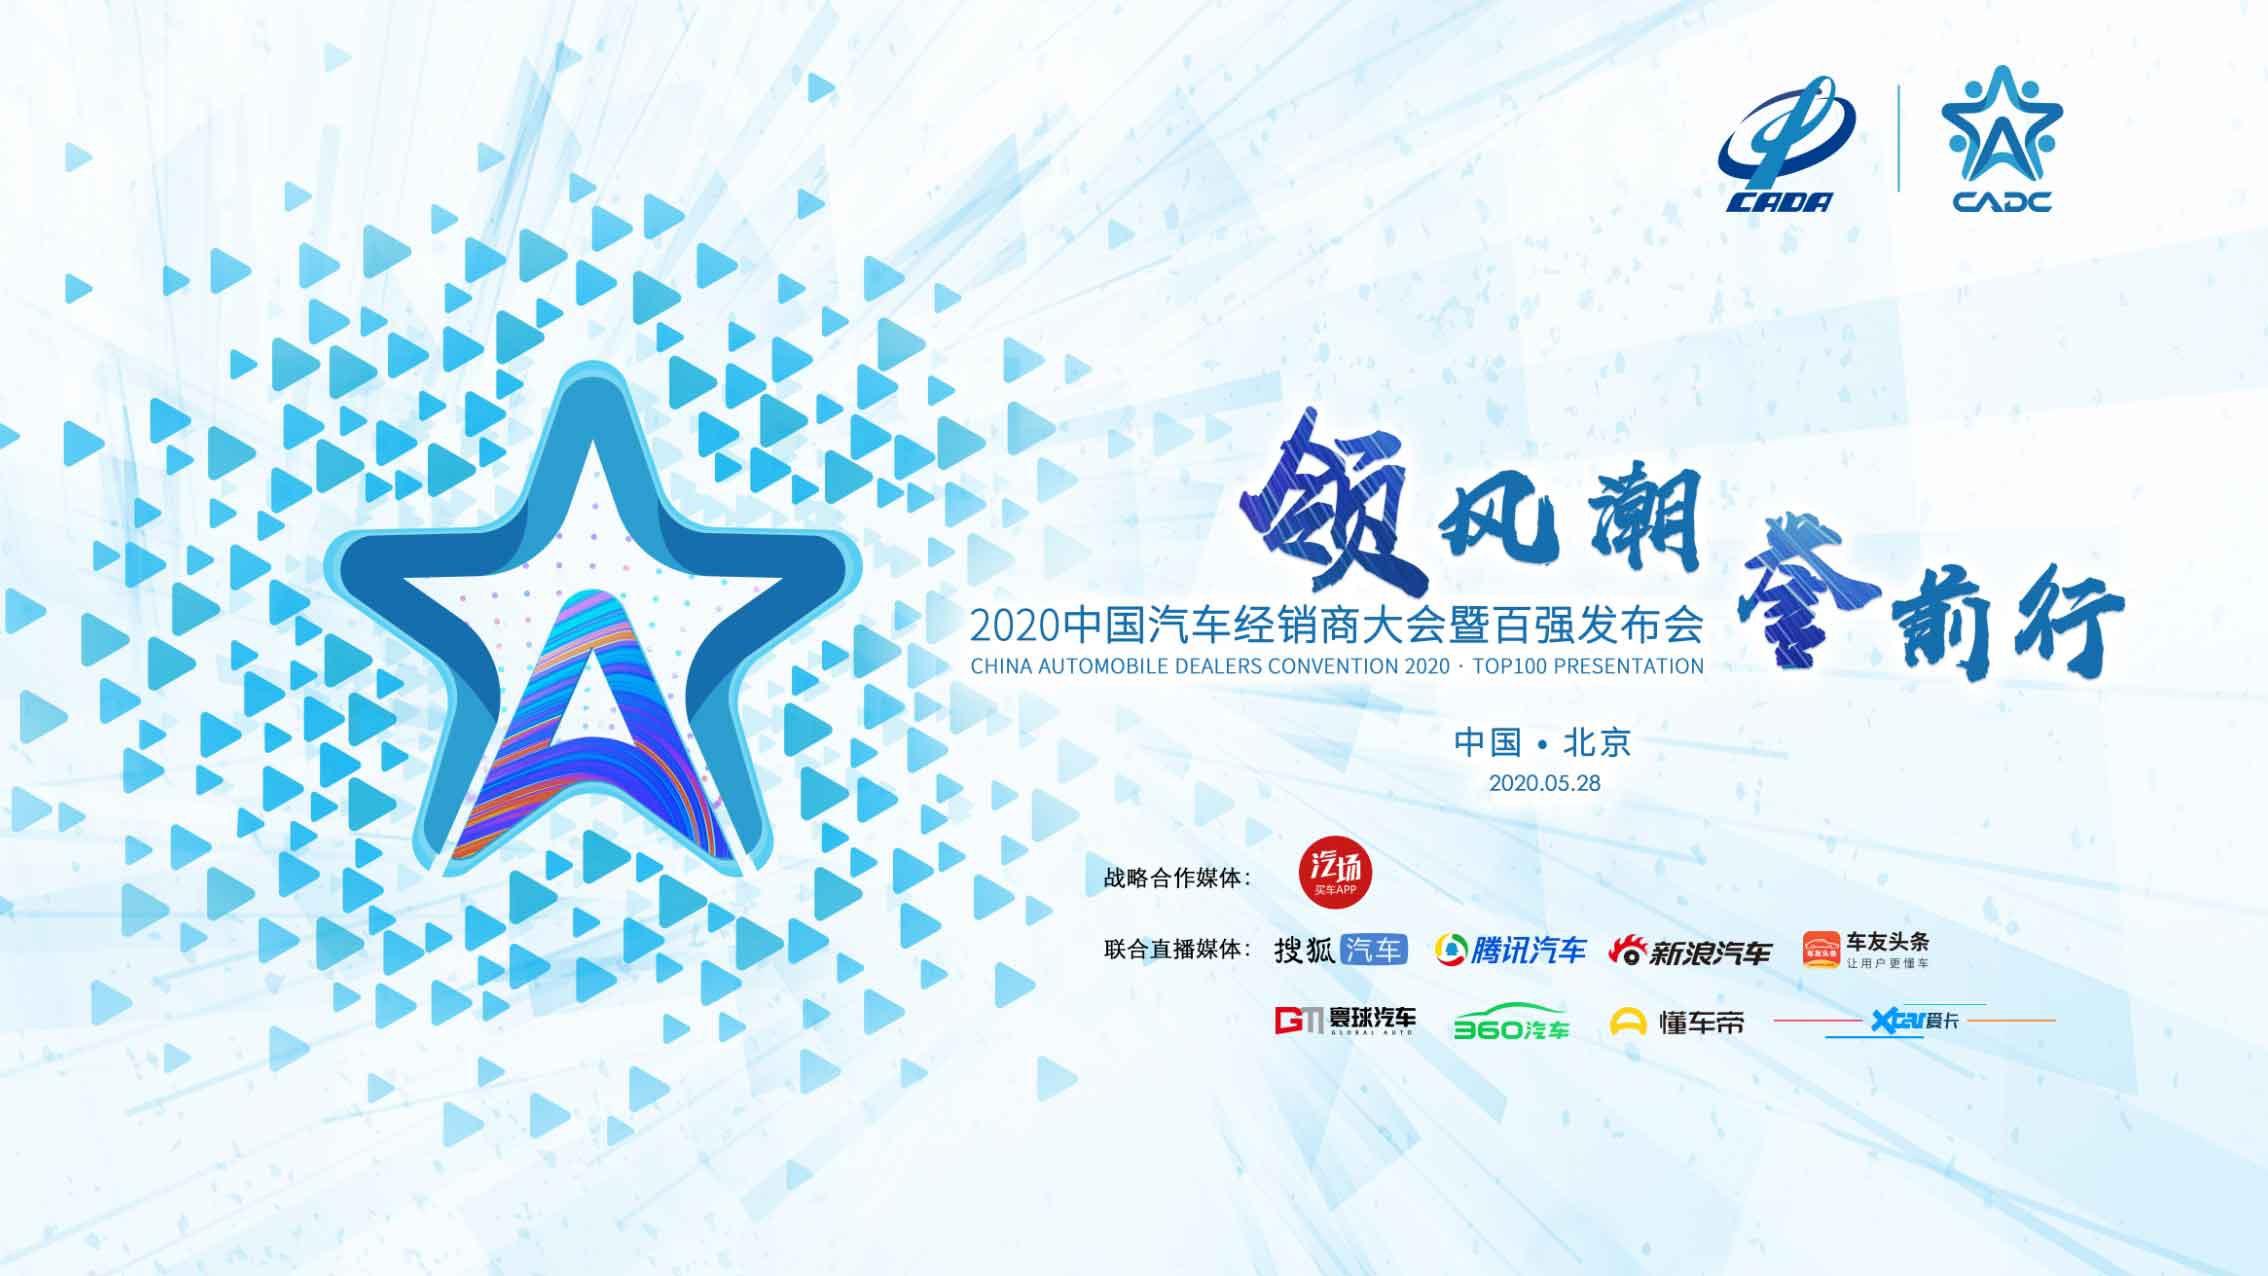 2020中国自動車販売代理店大会及び百強発表会